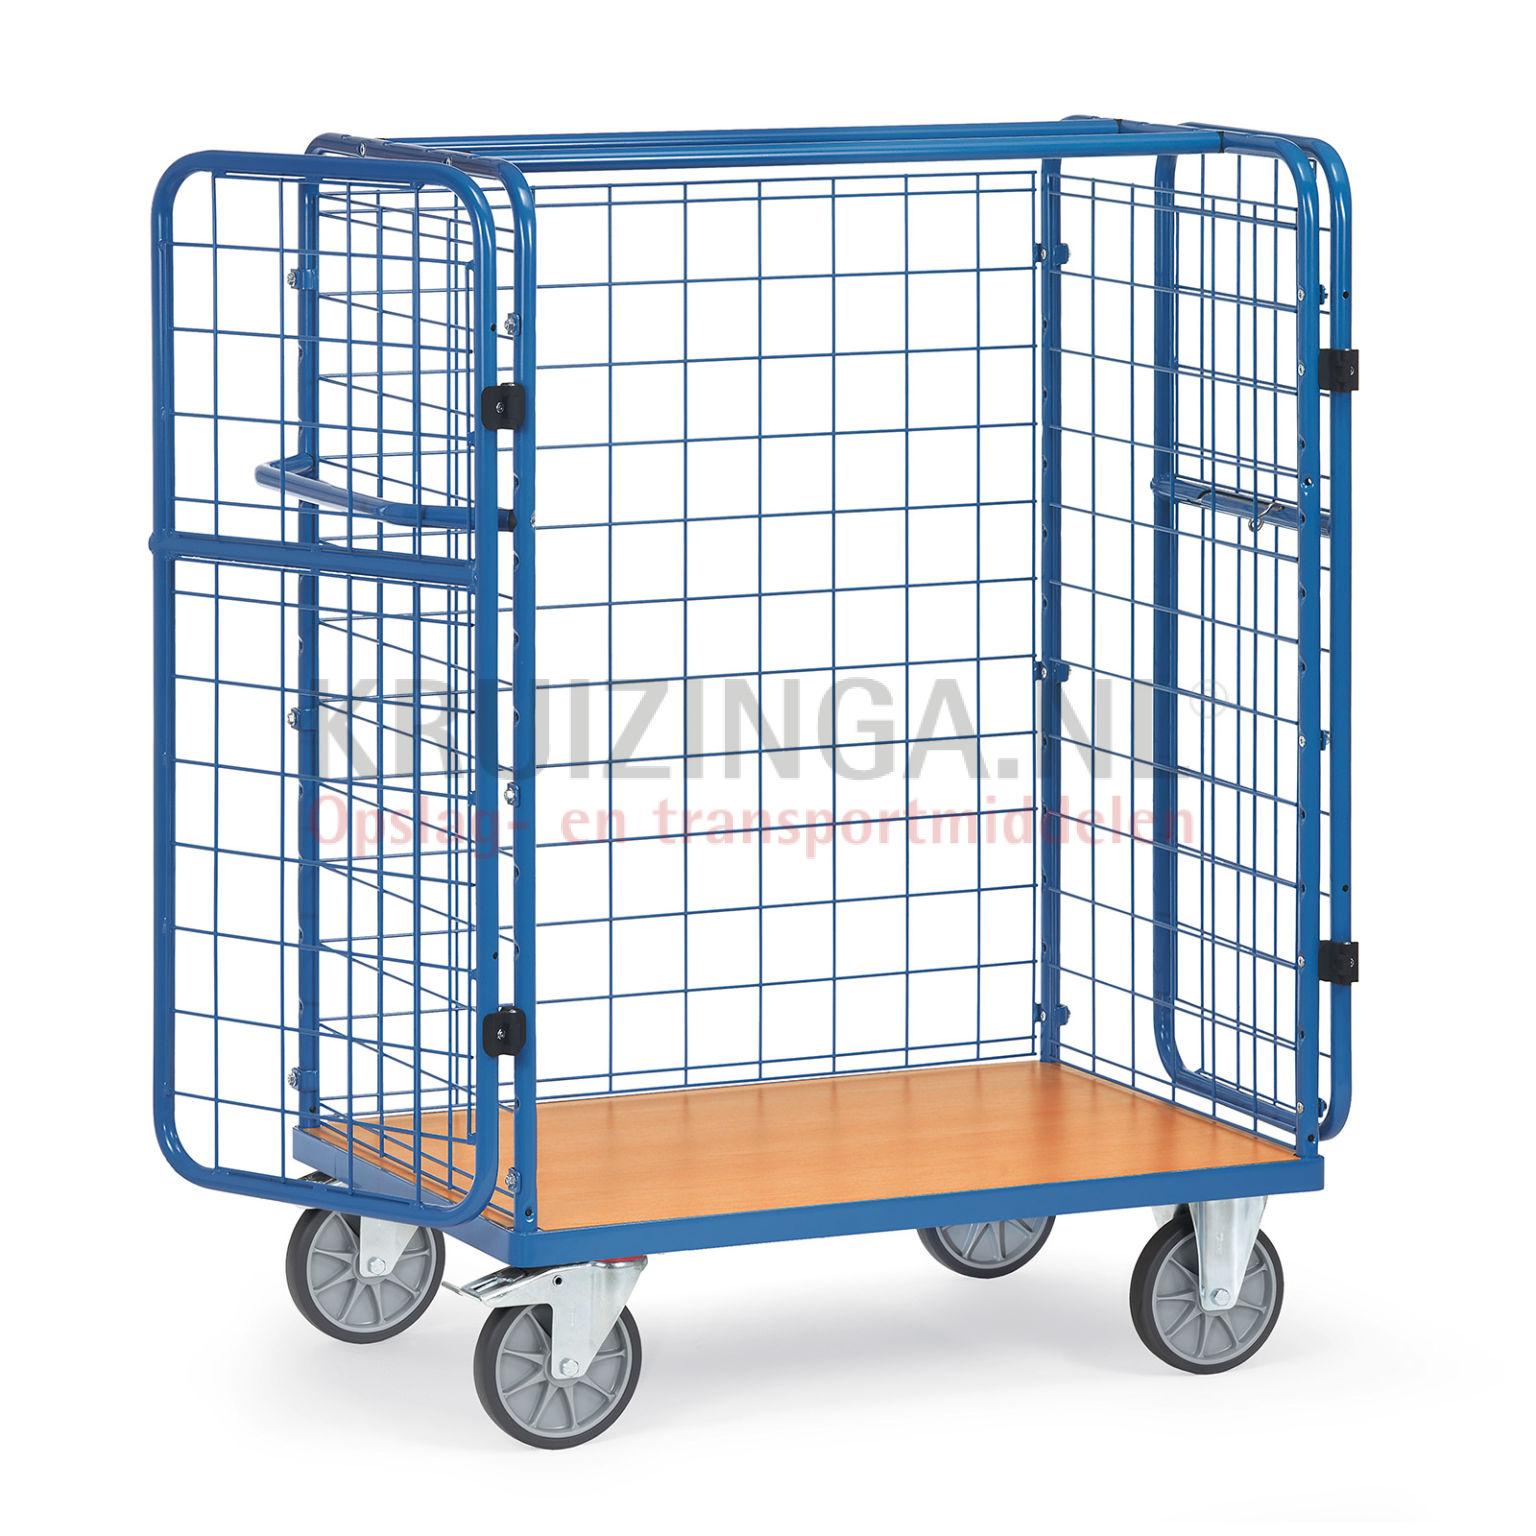 roll conteneur chariot pour colis 388 frais de livraison inclus. Black Bedroom Furniture Sets. Home Design Ideas